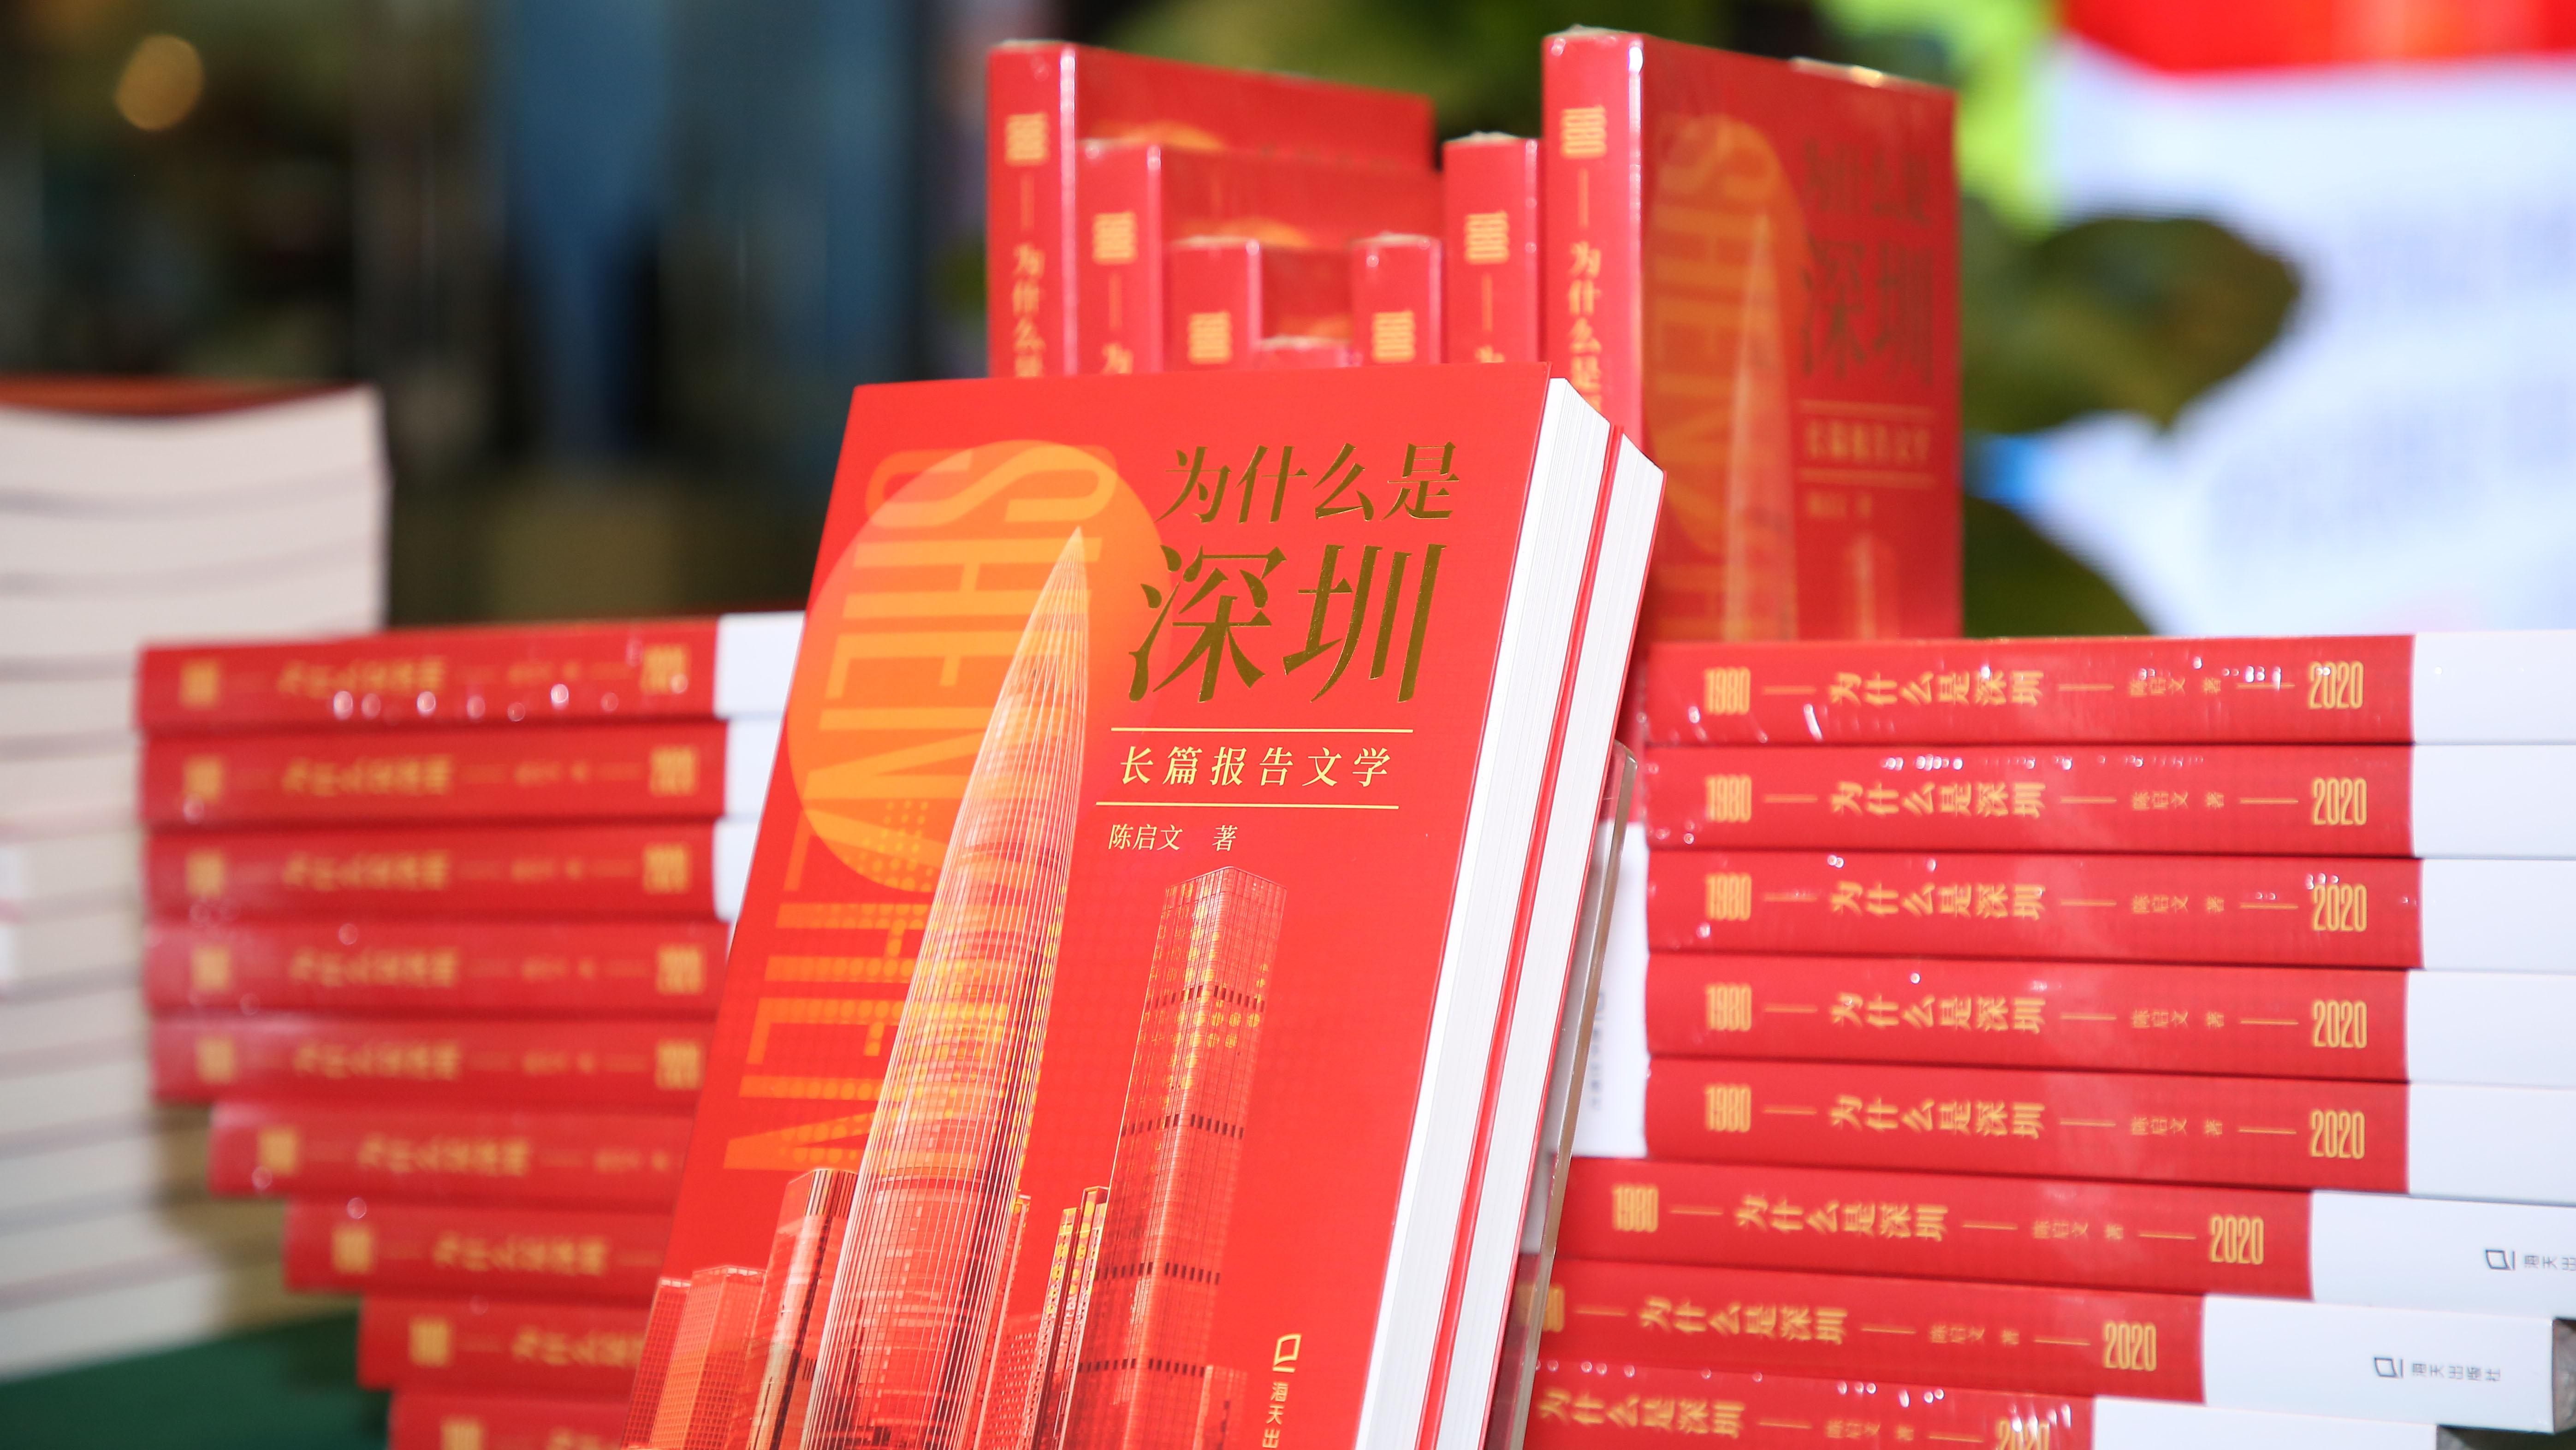 全景式记录特区发展史 长篇报告文学《为什么是深圳》在深首发